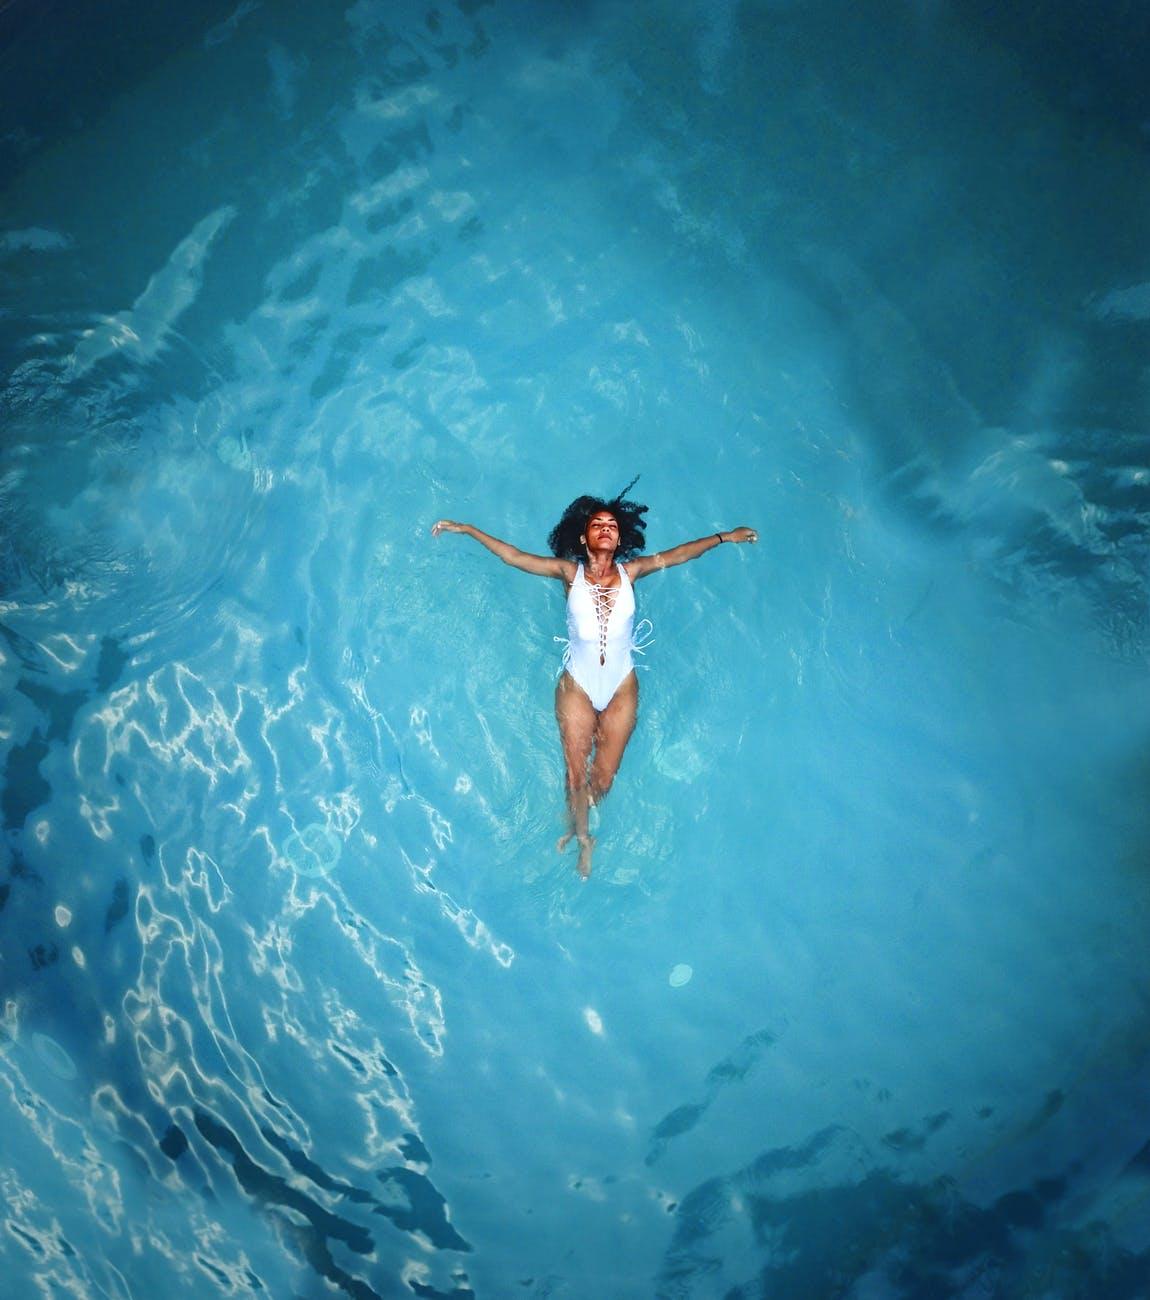 woman in white monokini swimming on body of water